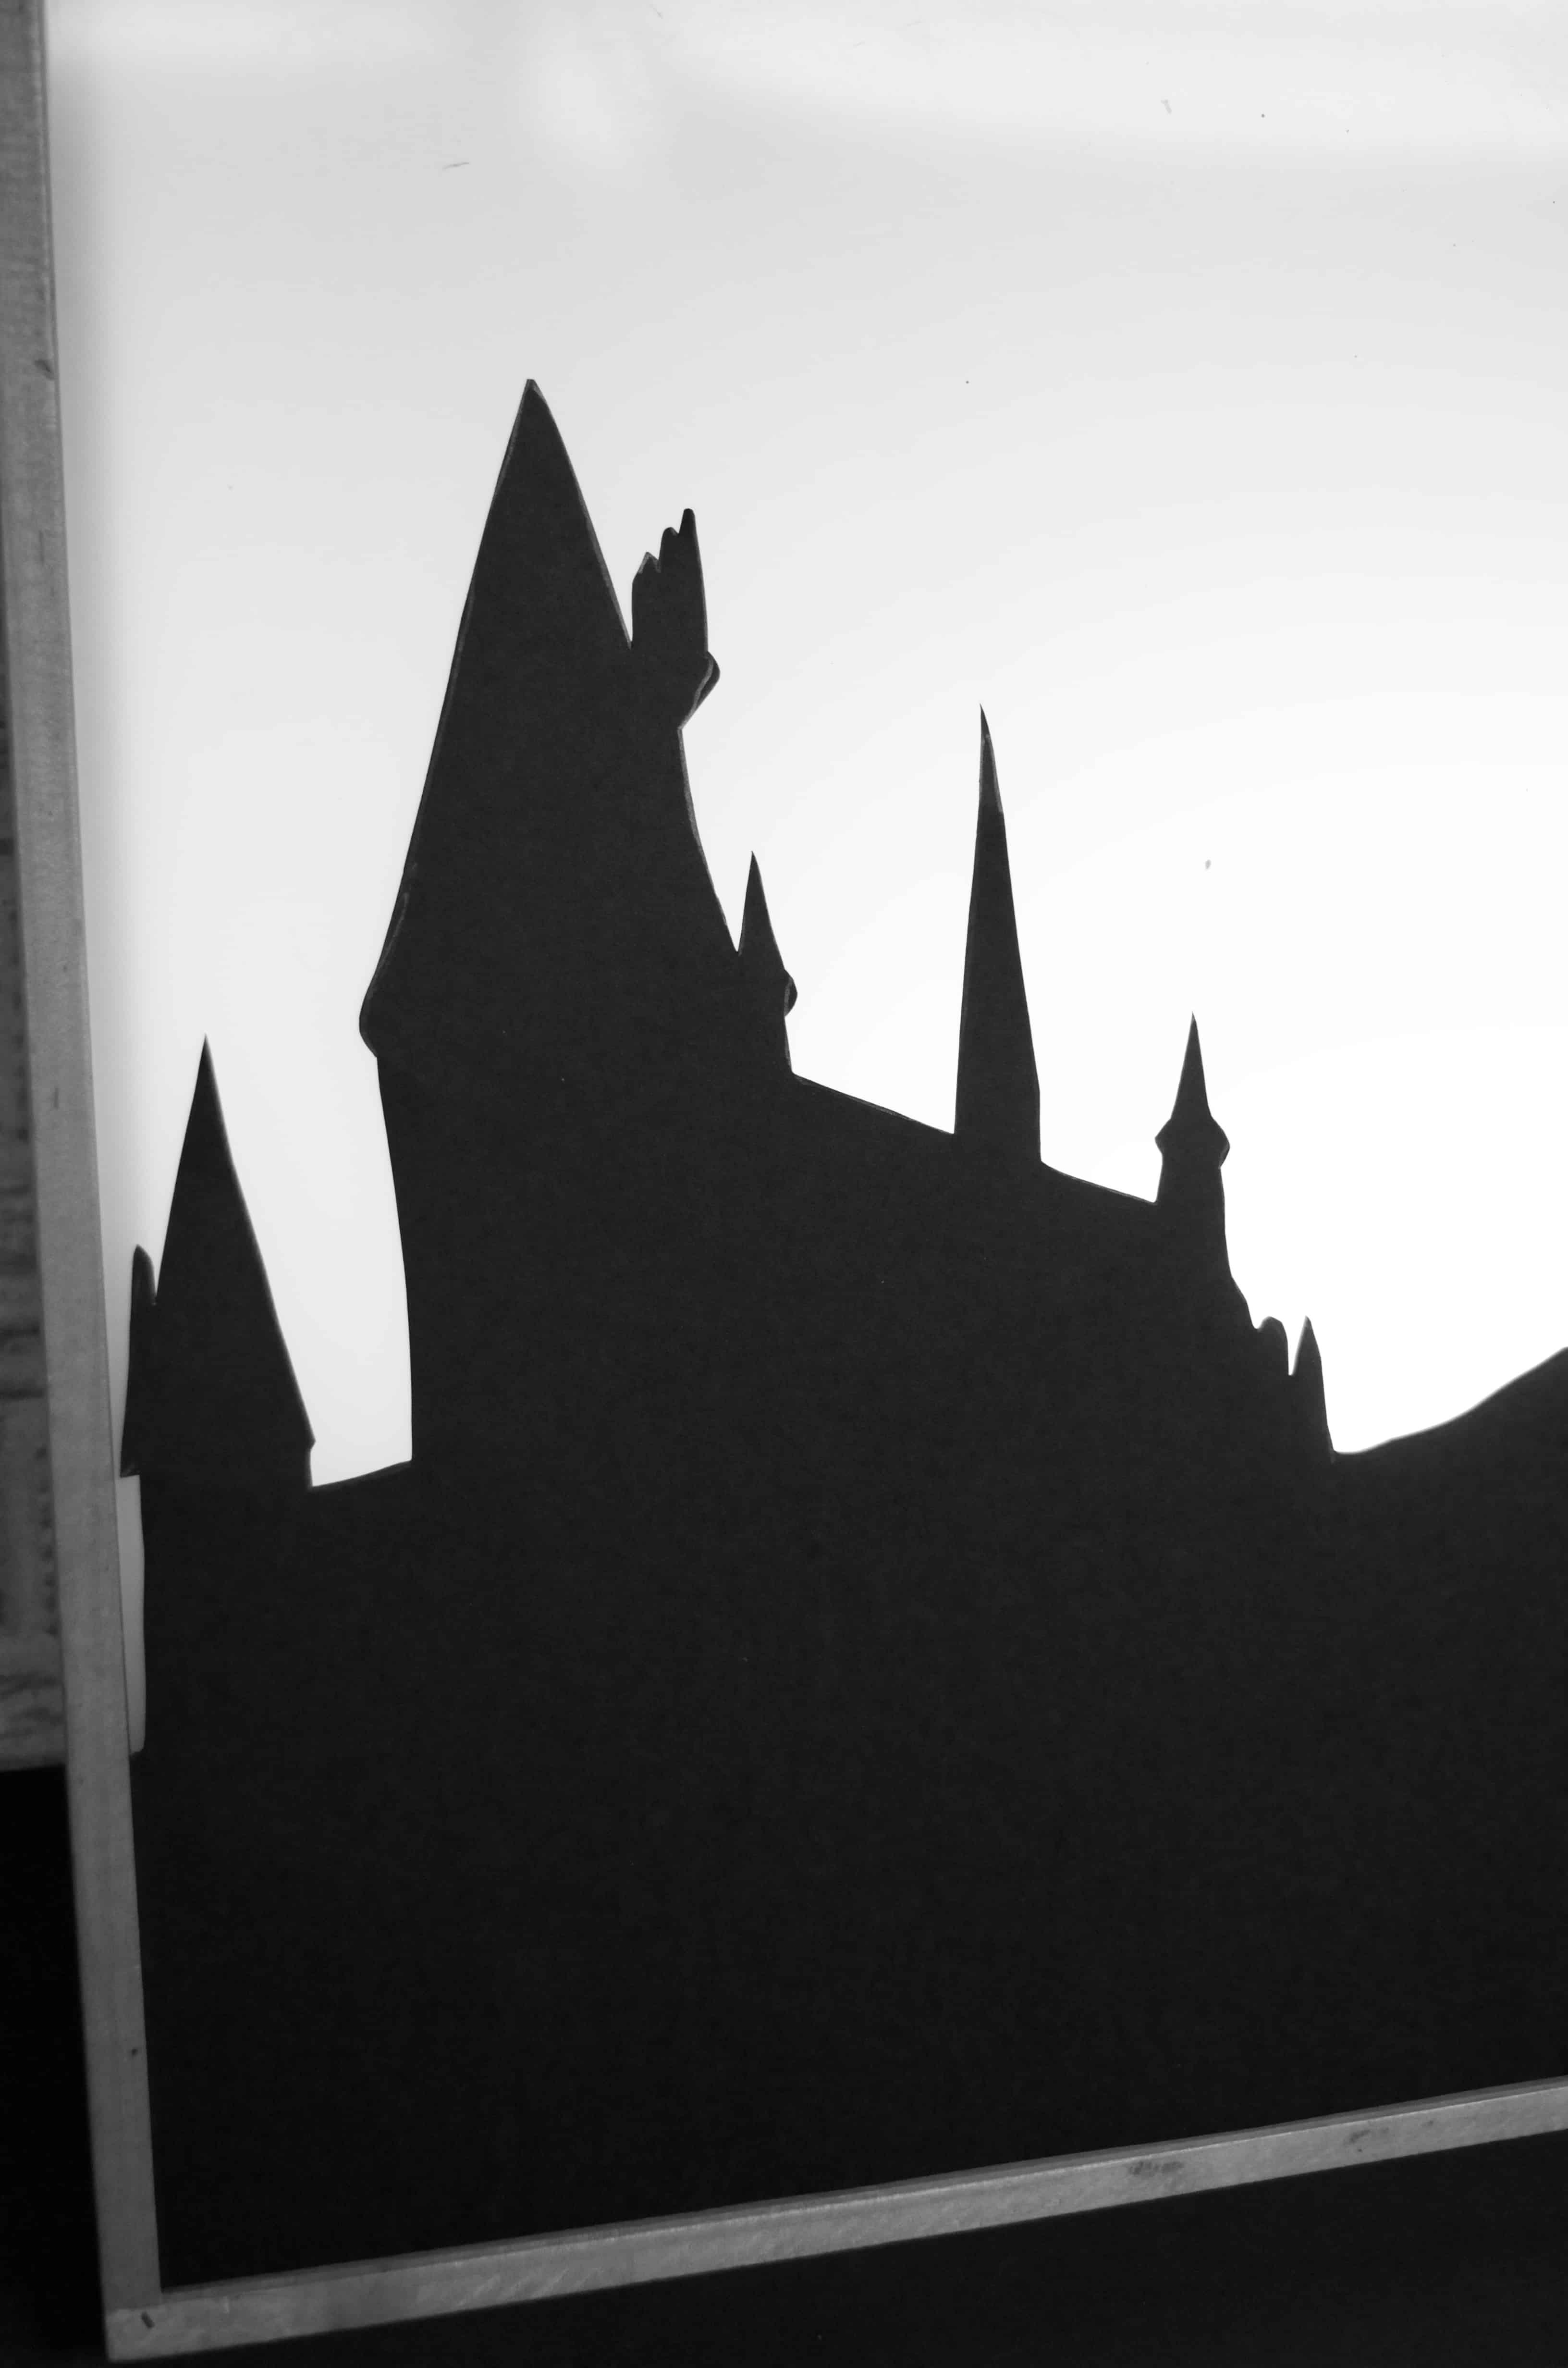 Diy Harry Potter Silhouette Light Box Design Idea